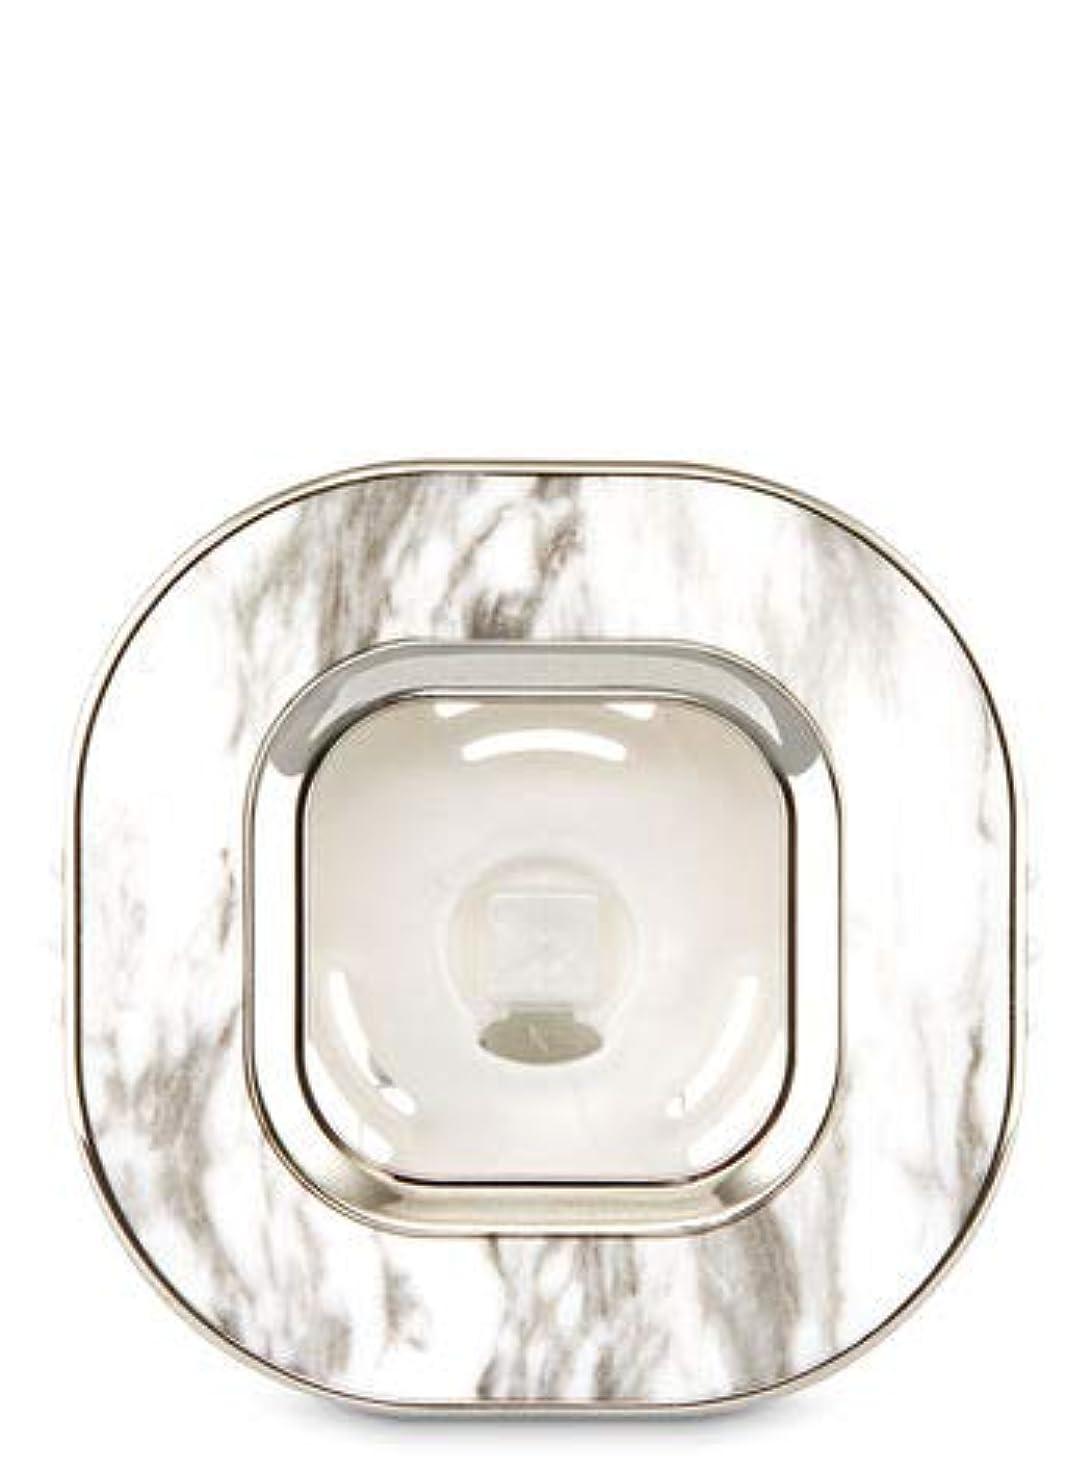 長さ狼ソート【Bath&Body Works/バス&ボディワークス】 車用芳香剤 セントポータブル ホルダー (本体ケースのみ) マーブルスクエアー Scentportable Holder Marble Square Vent Clip [並行輸入品]